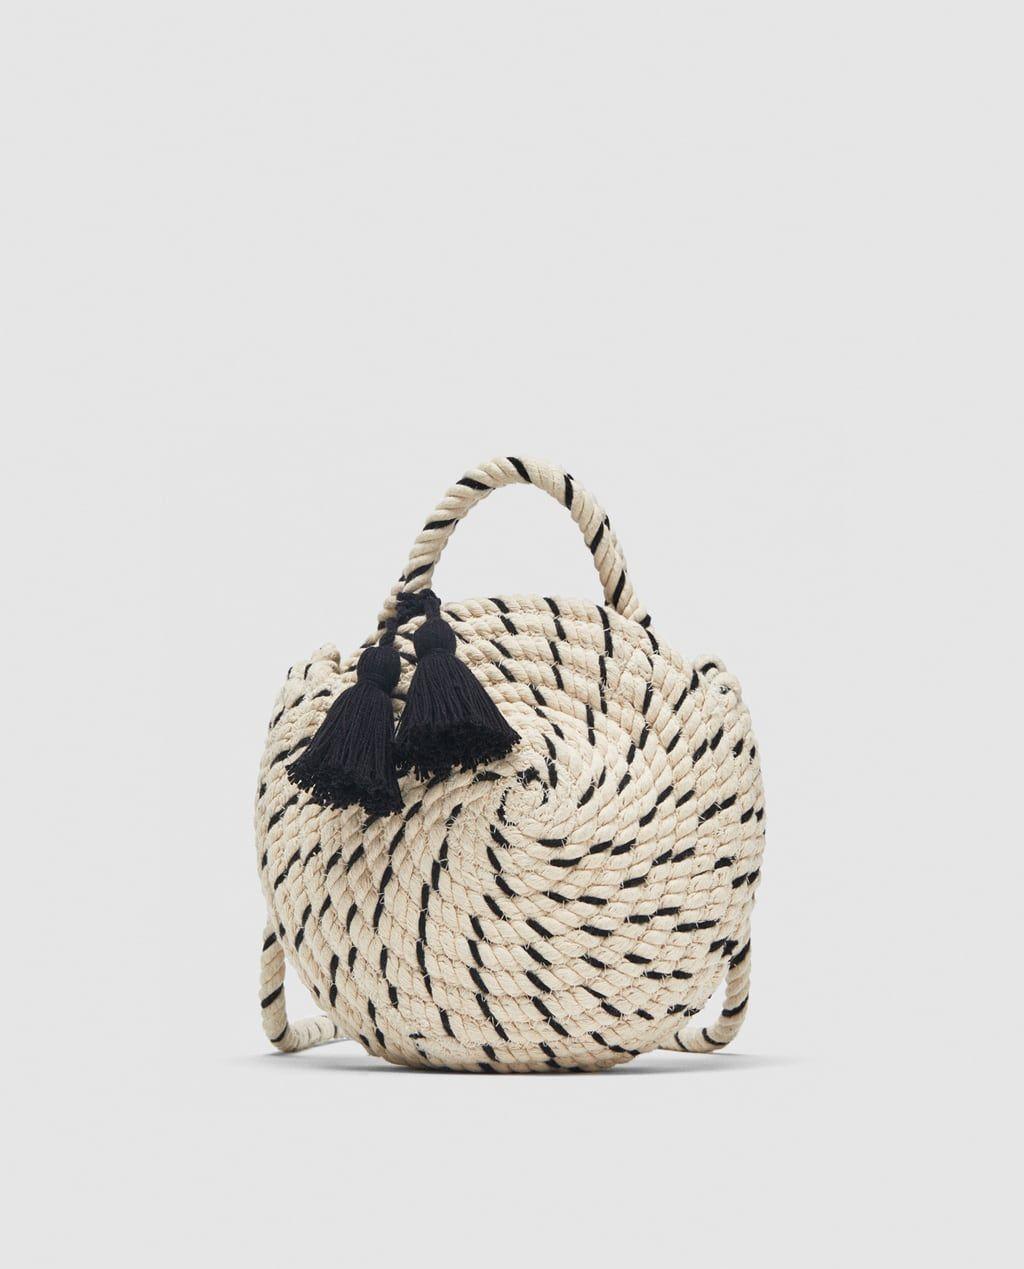 bdb0a574b221fb Image 2 of BRAIDED COTTON MINI TOTE BAG from Zara Bag Sale, Fashion Handbags ,